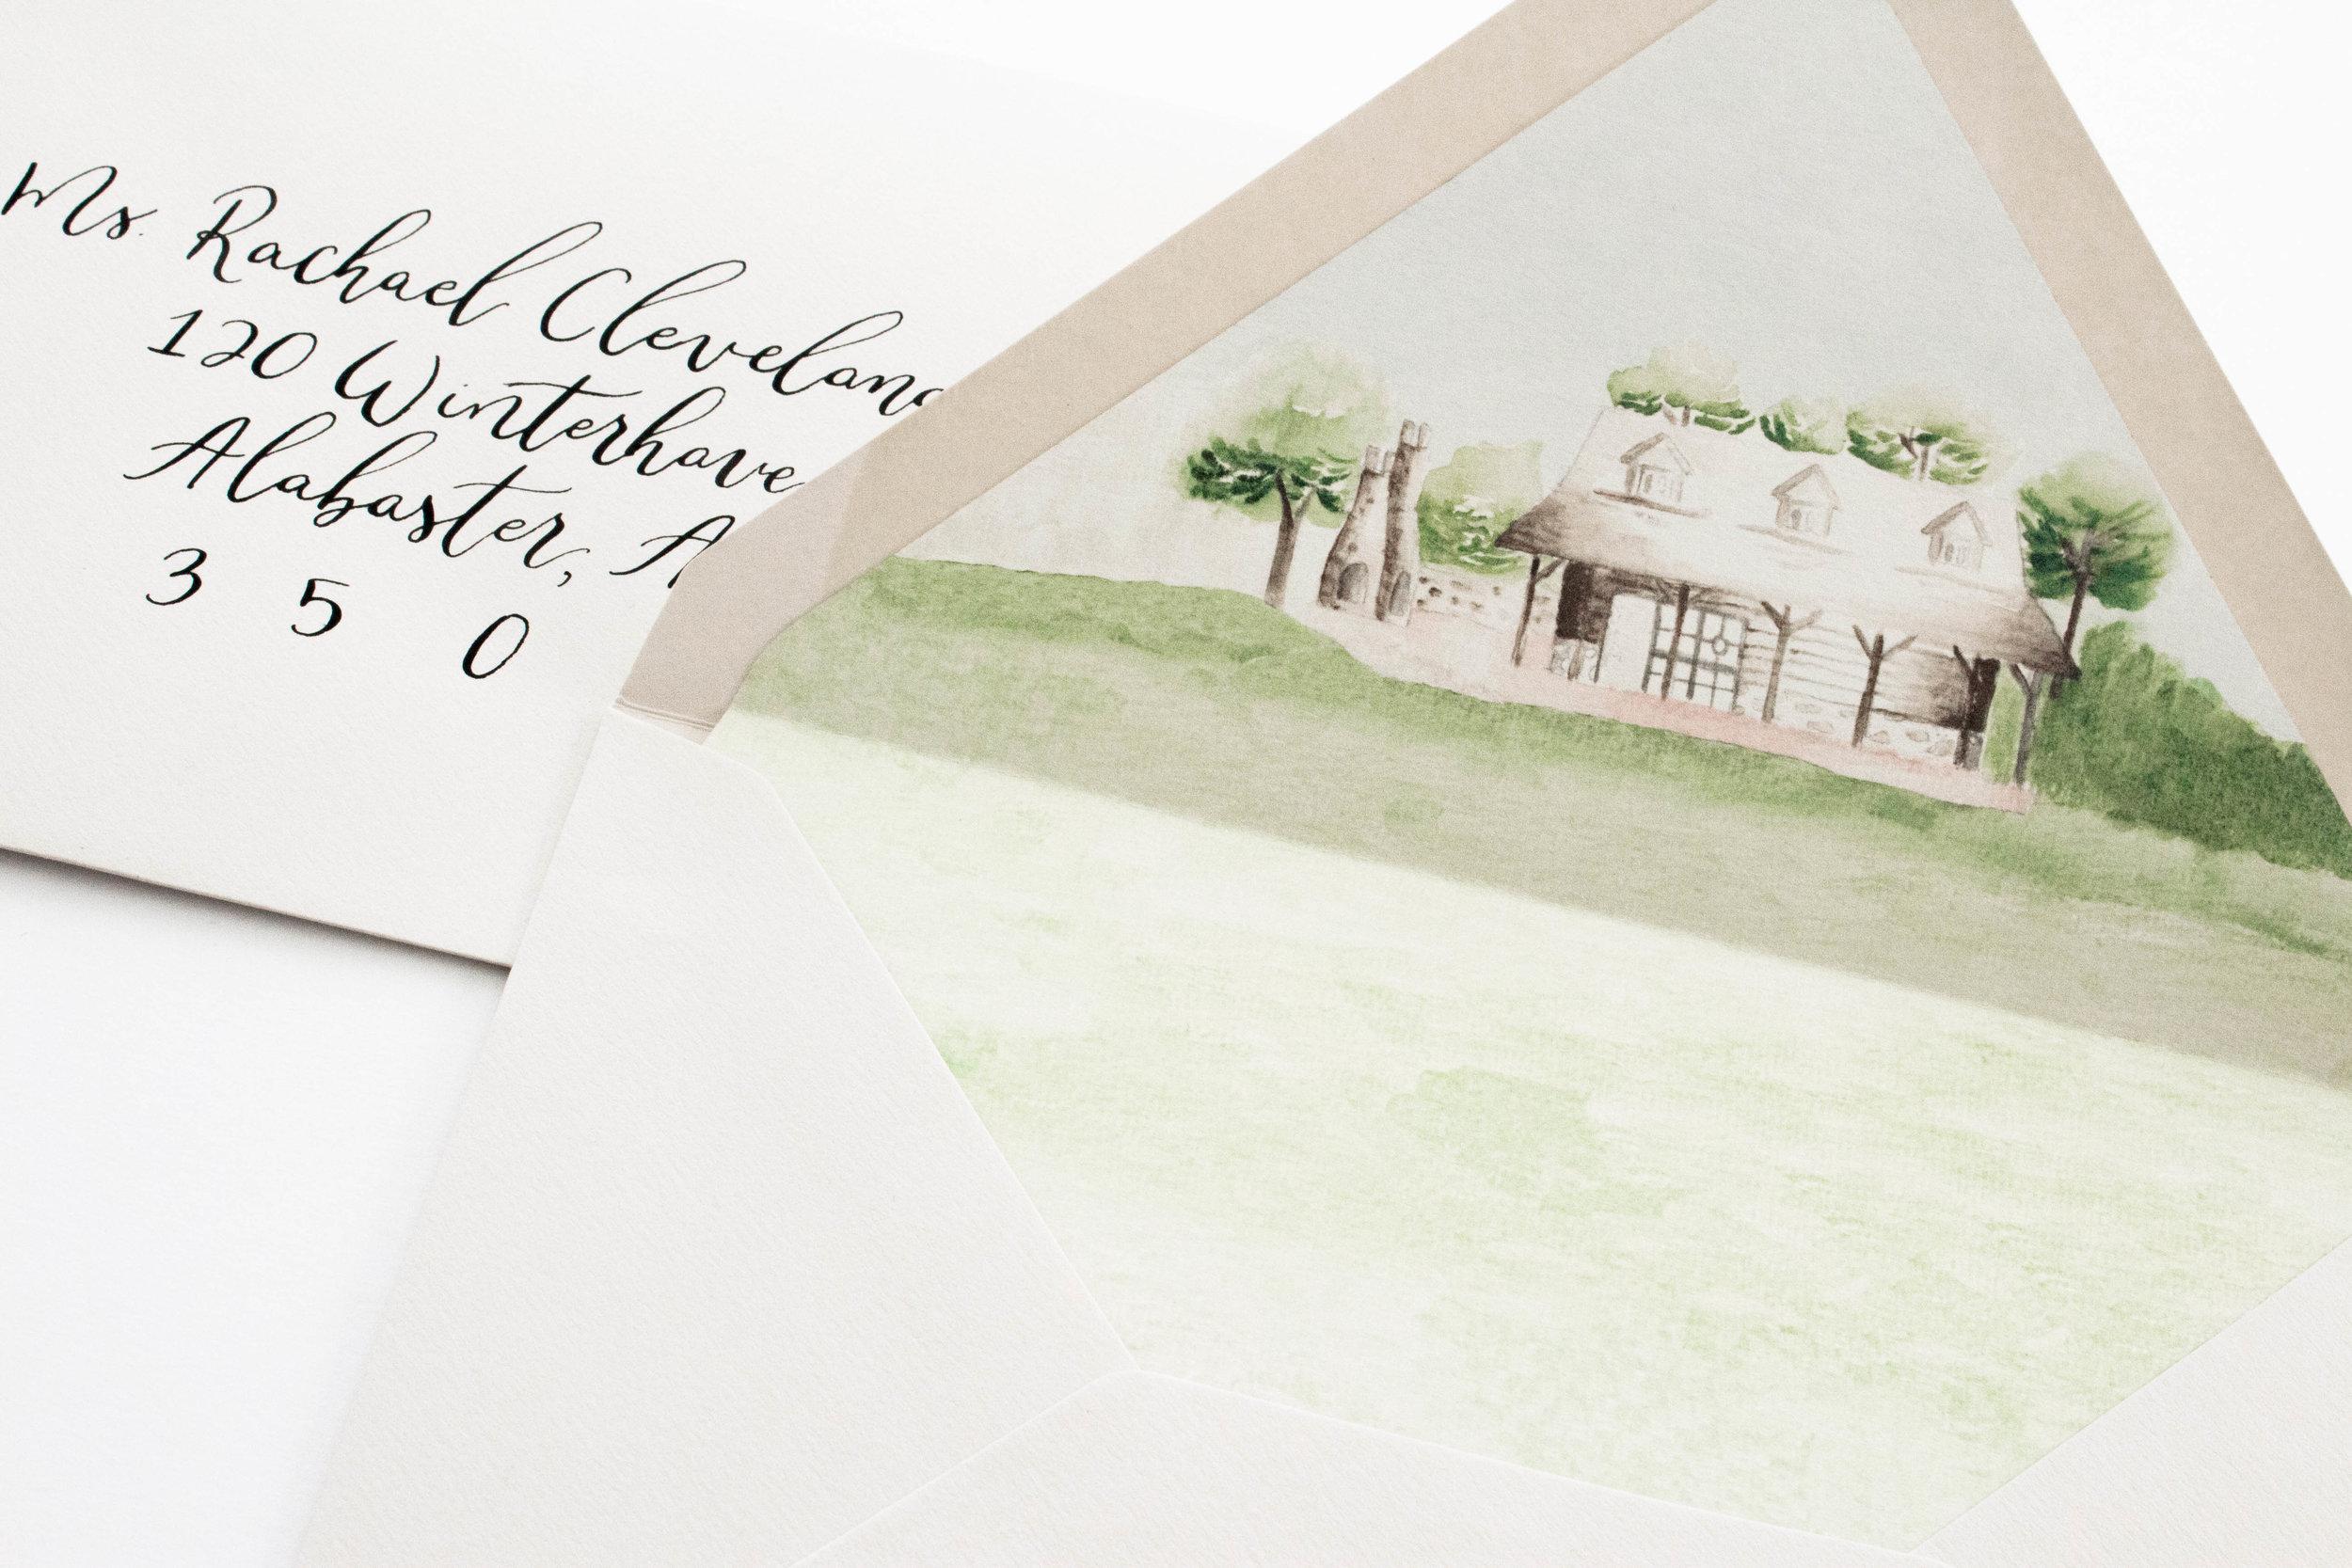 Custom Envelope Liner - Wedding Venue Watercolor Sketch - Watercolor Envelope Liner - True North Paper Co.